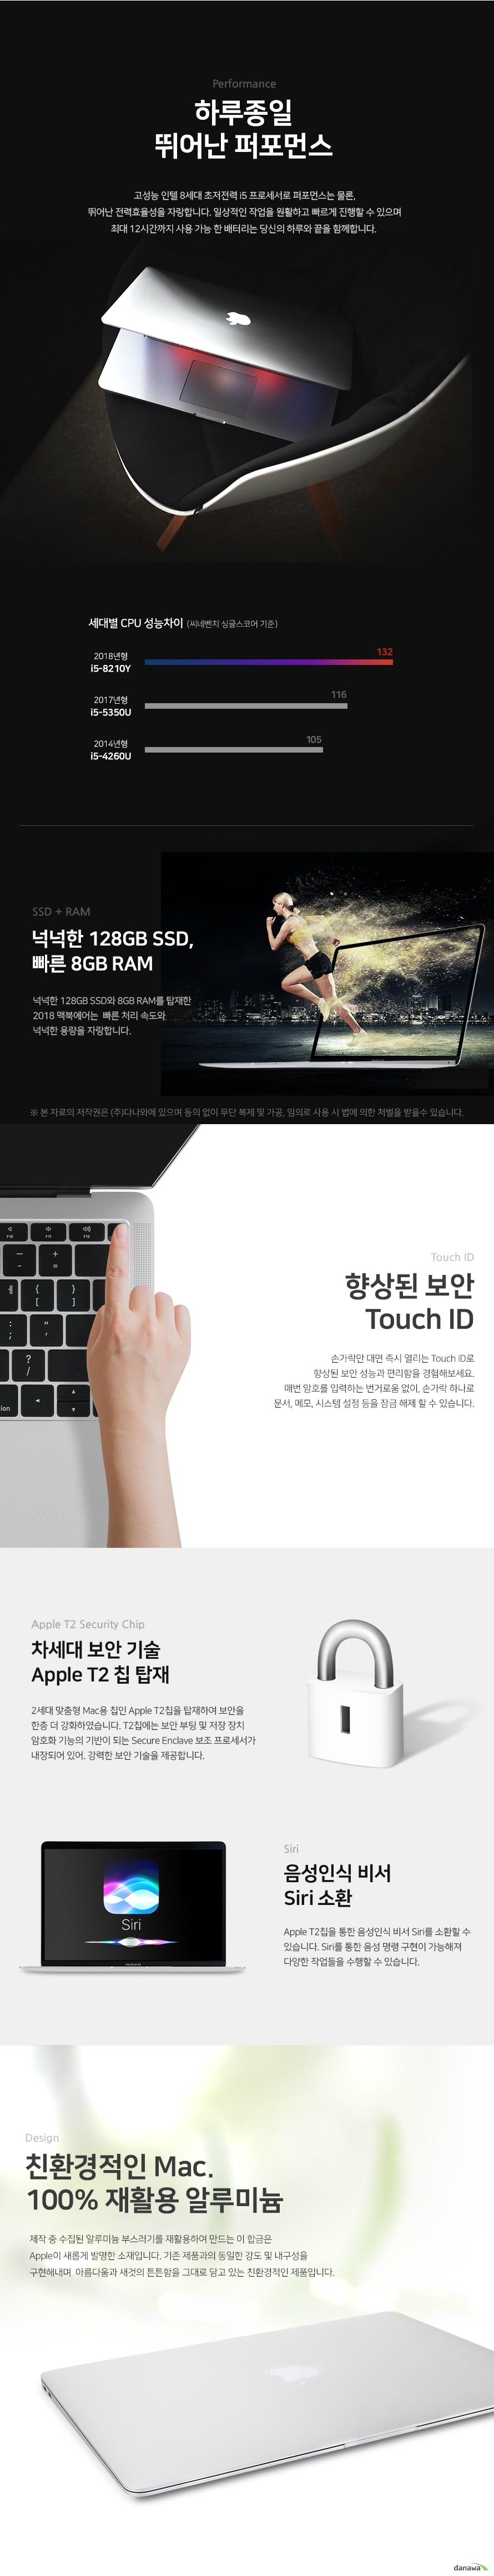 [촬영상품]APPLE 맥북에어 2018년형 MREA2KH/A (SSD 128GB)